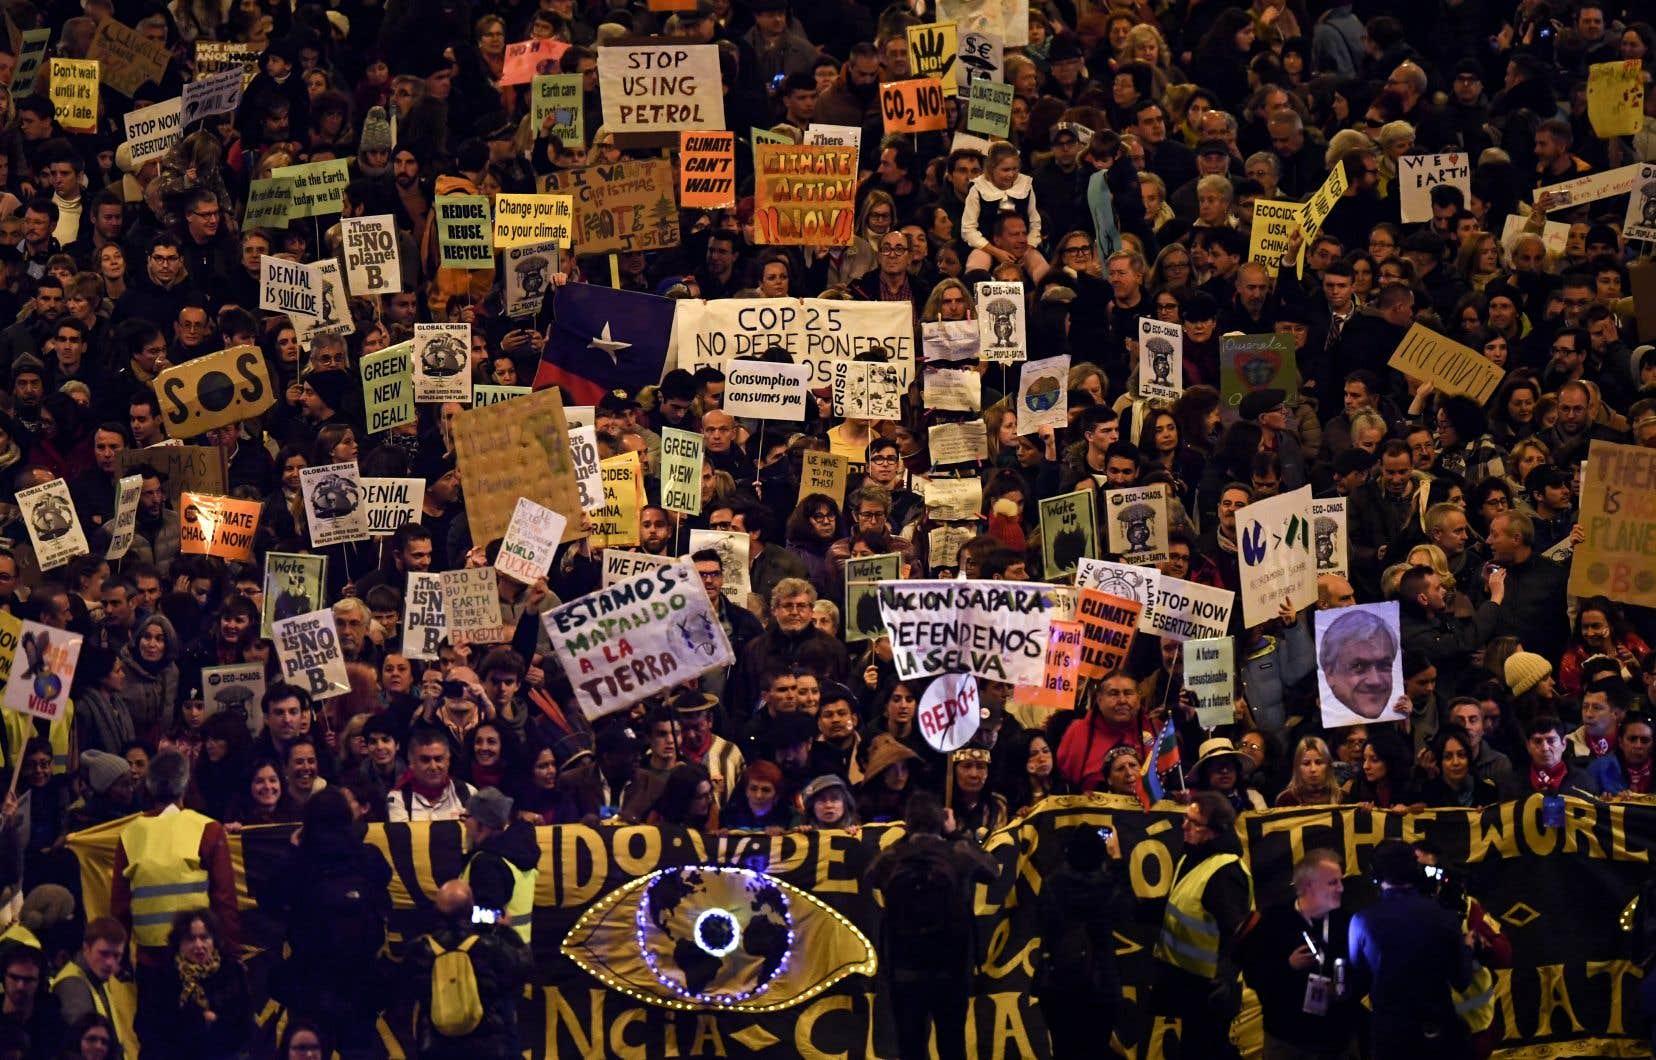 La manifestation madrilène a rassemblé 15 000 personnes selon la préfecture, et 500 000 selon Greta Thunberg.